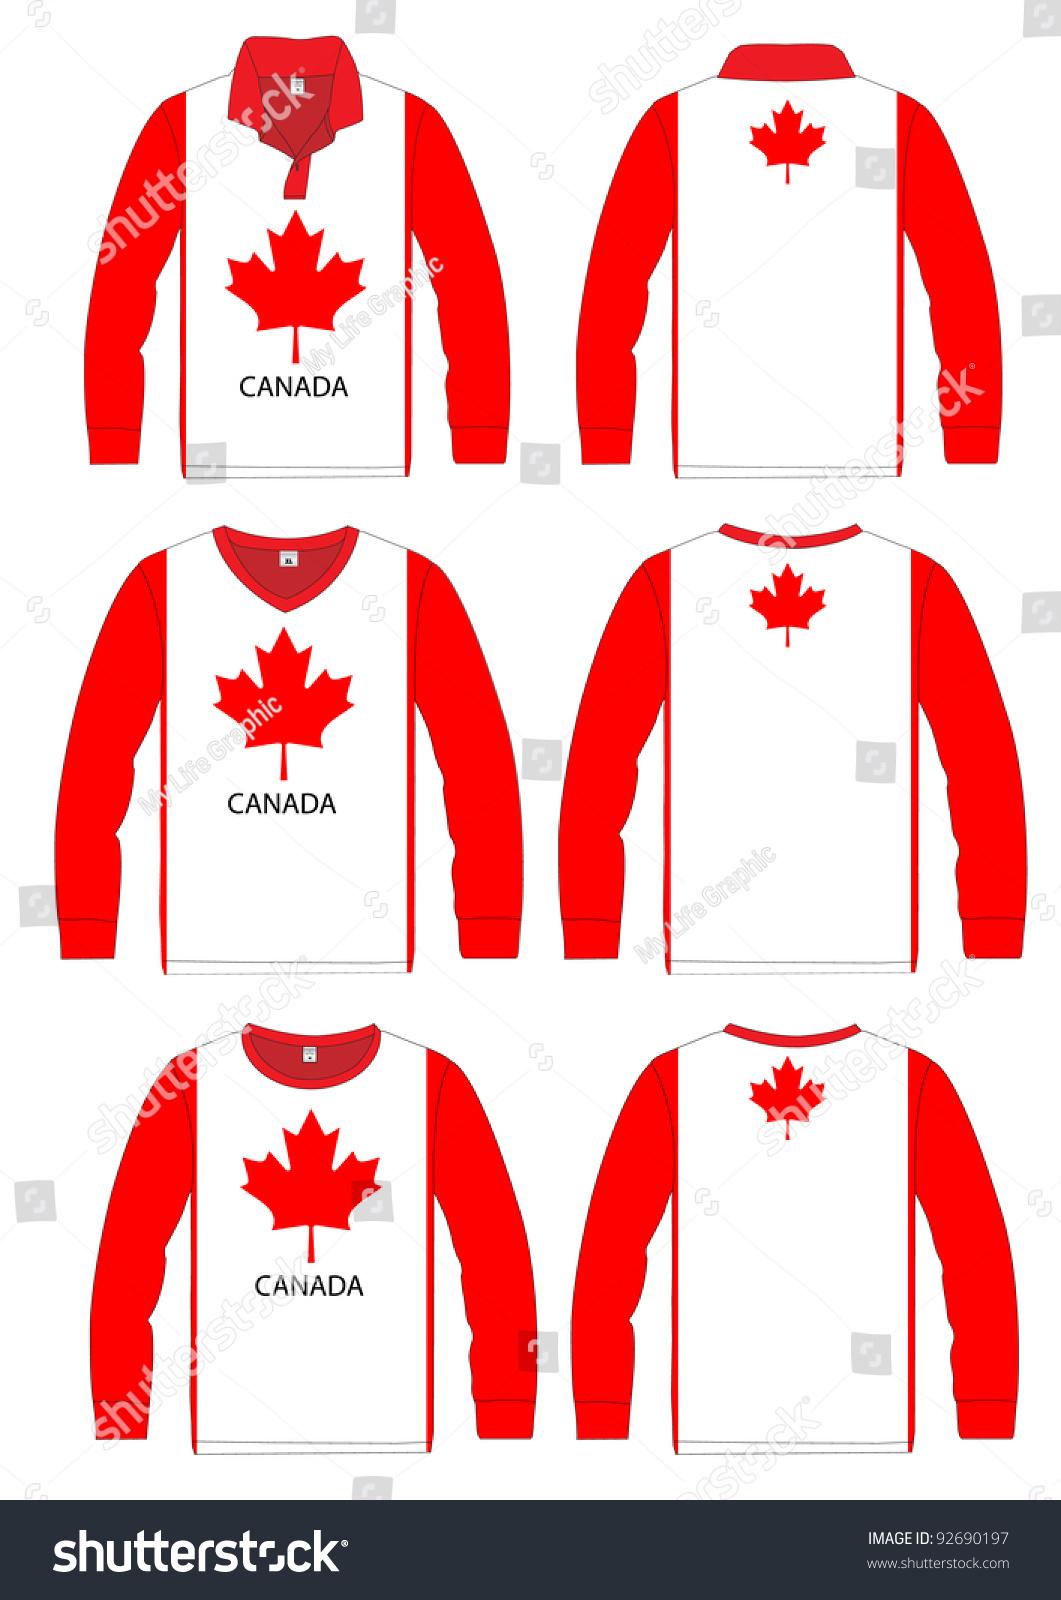 Shirt design canada - Save To A Lightbox